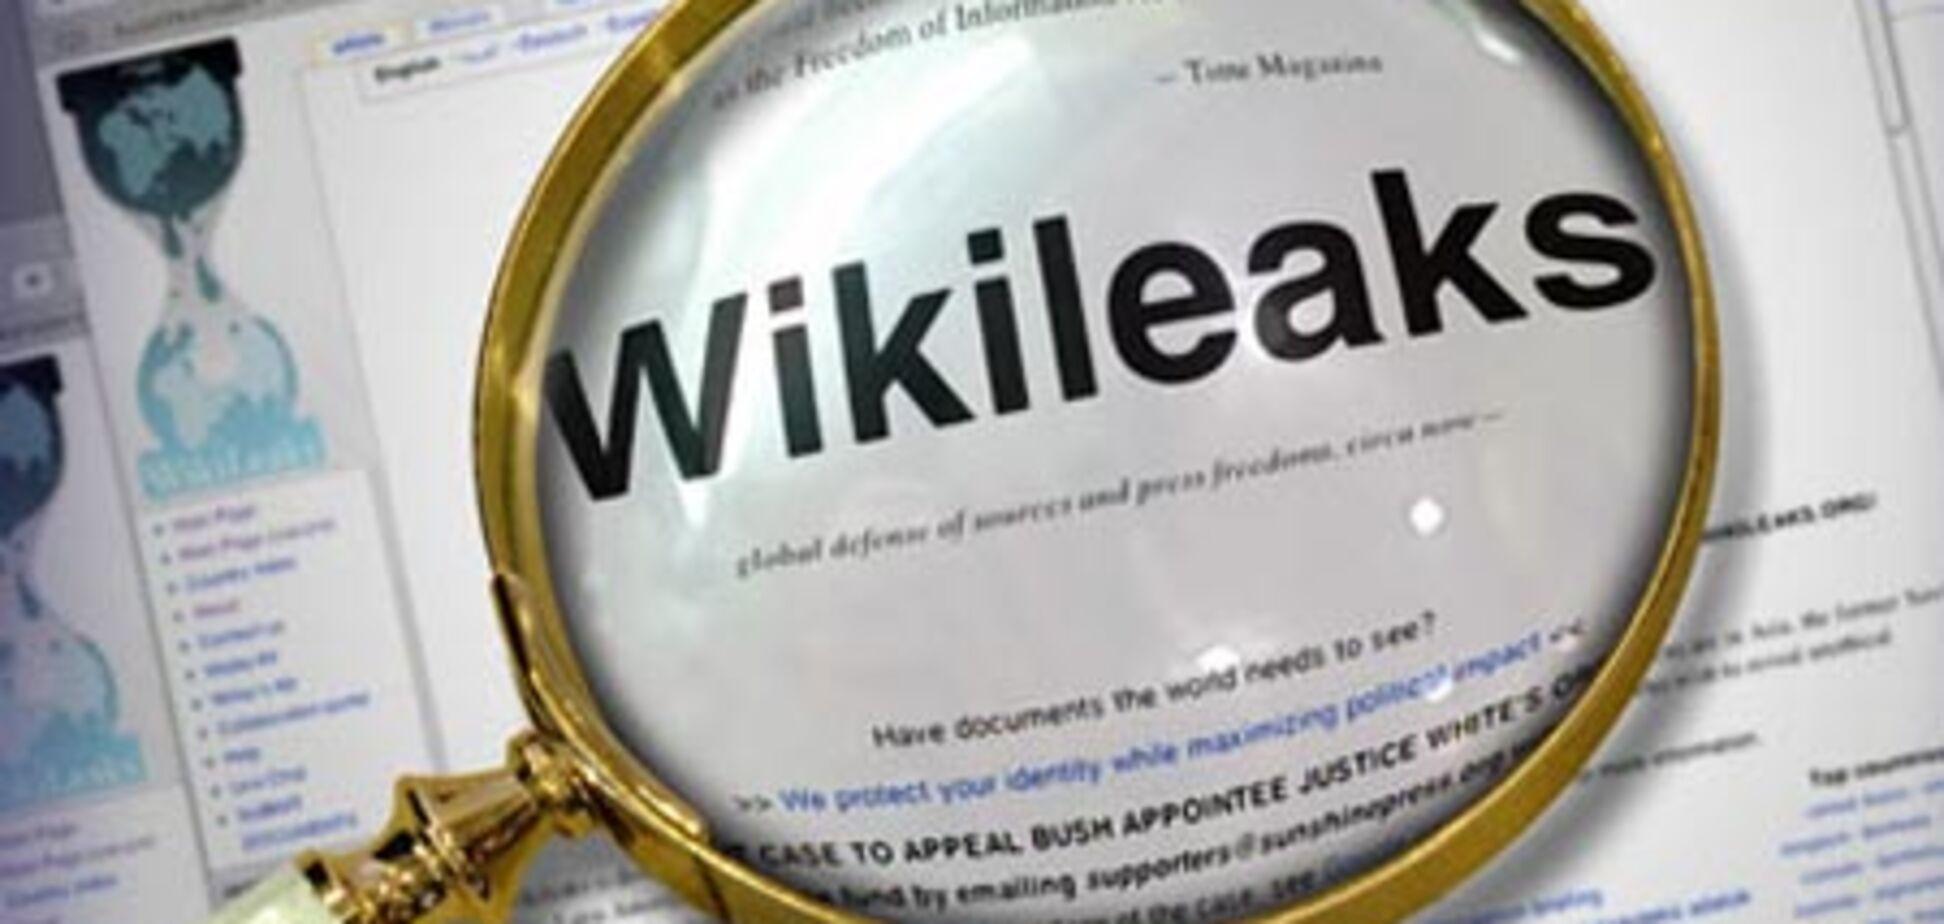 Wikileaks: США забороняли Ющенку зустрічатися з Лукашенком